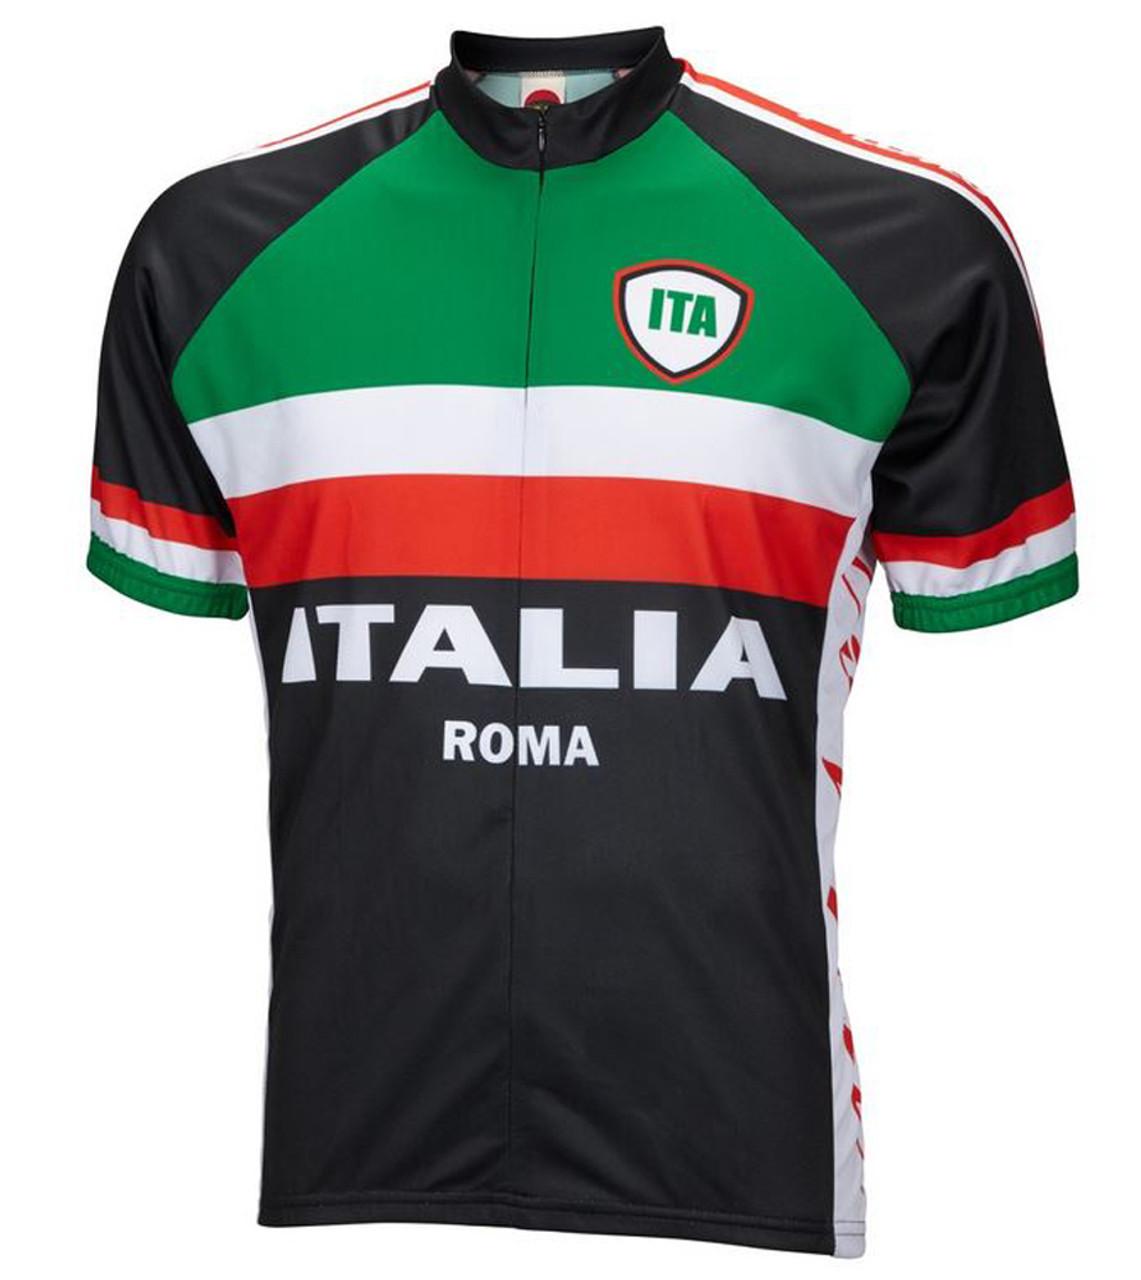 Italy Italia Roma Cycling Jersey by World Jerseys Men's Short Sleeve with DeFeet Socks